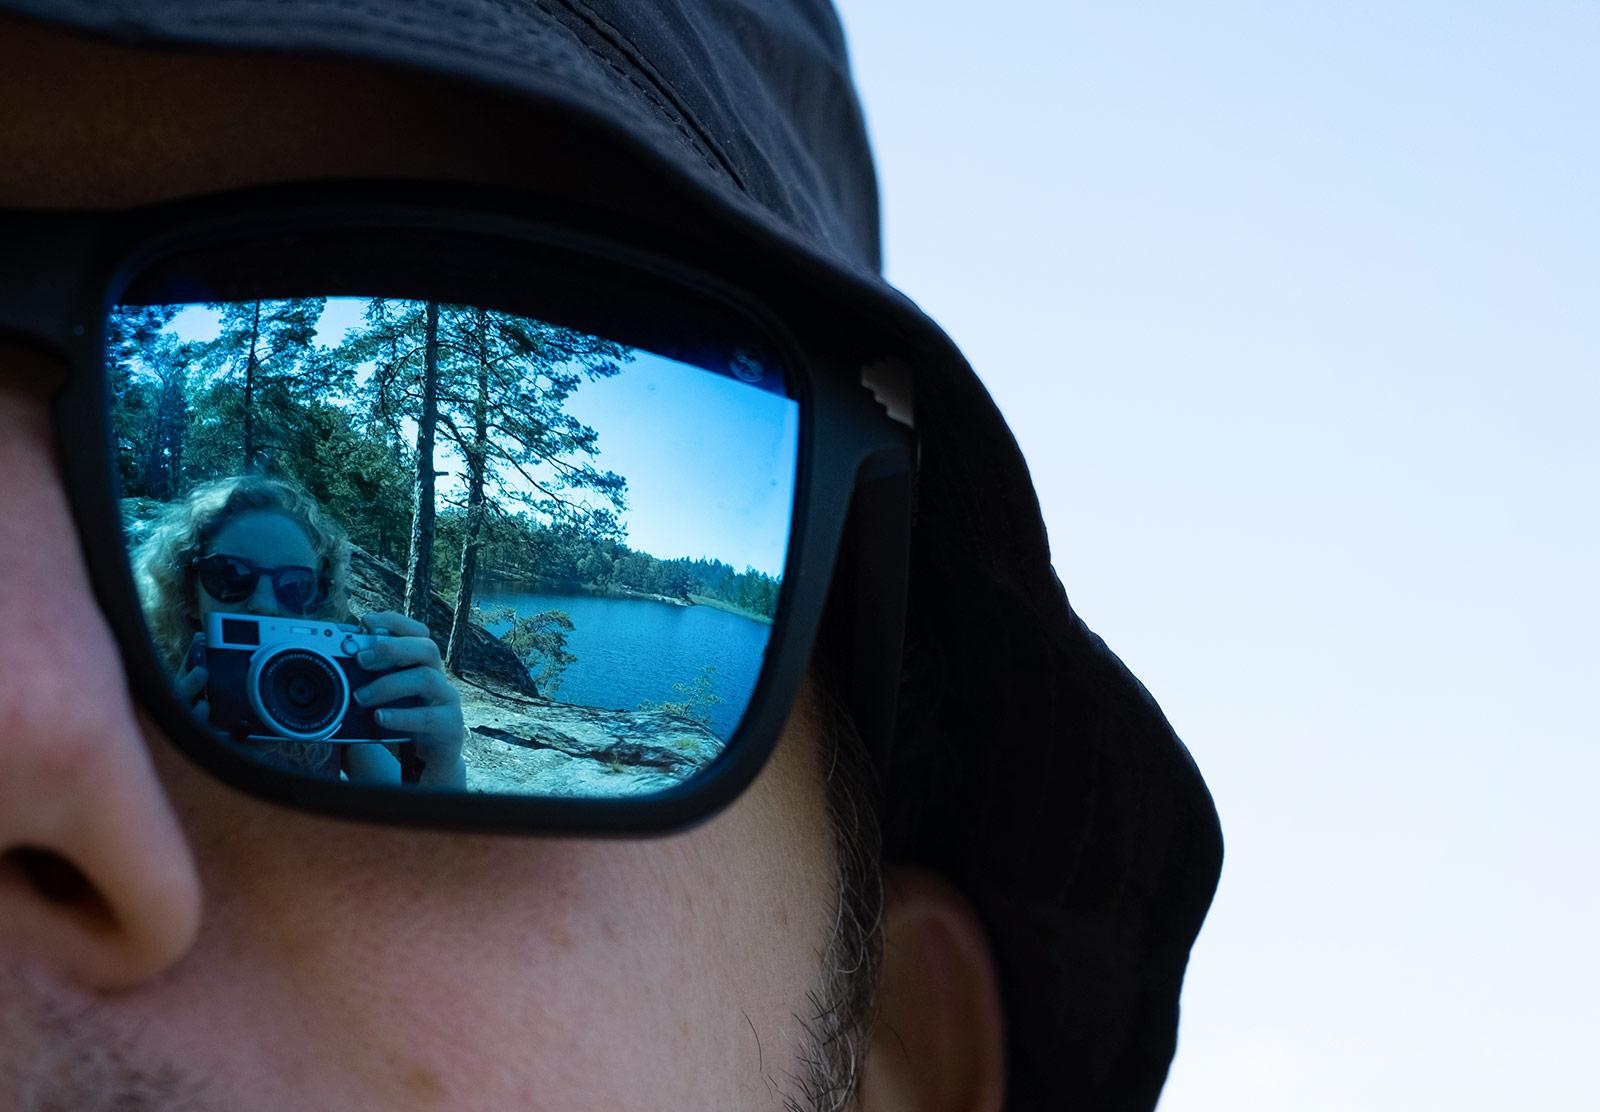 Lake in sunglasses